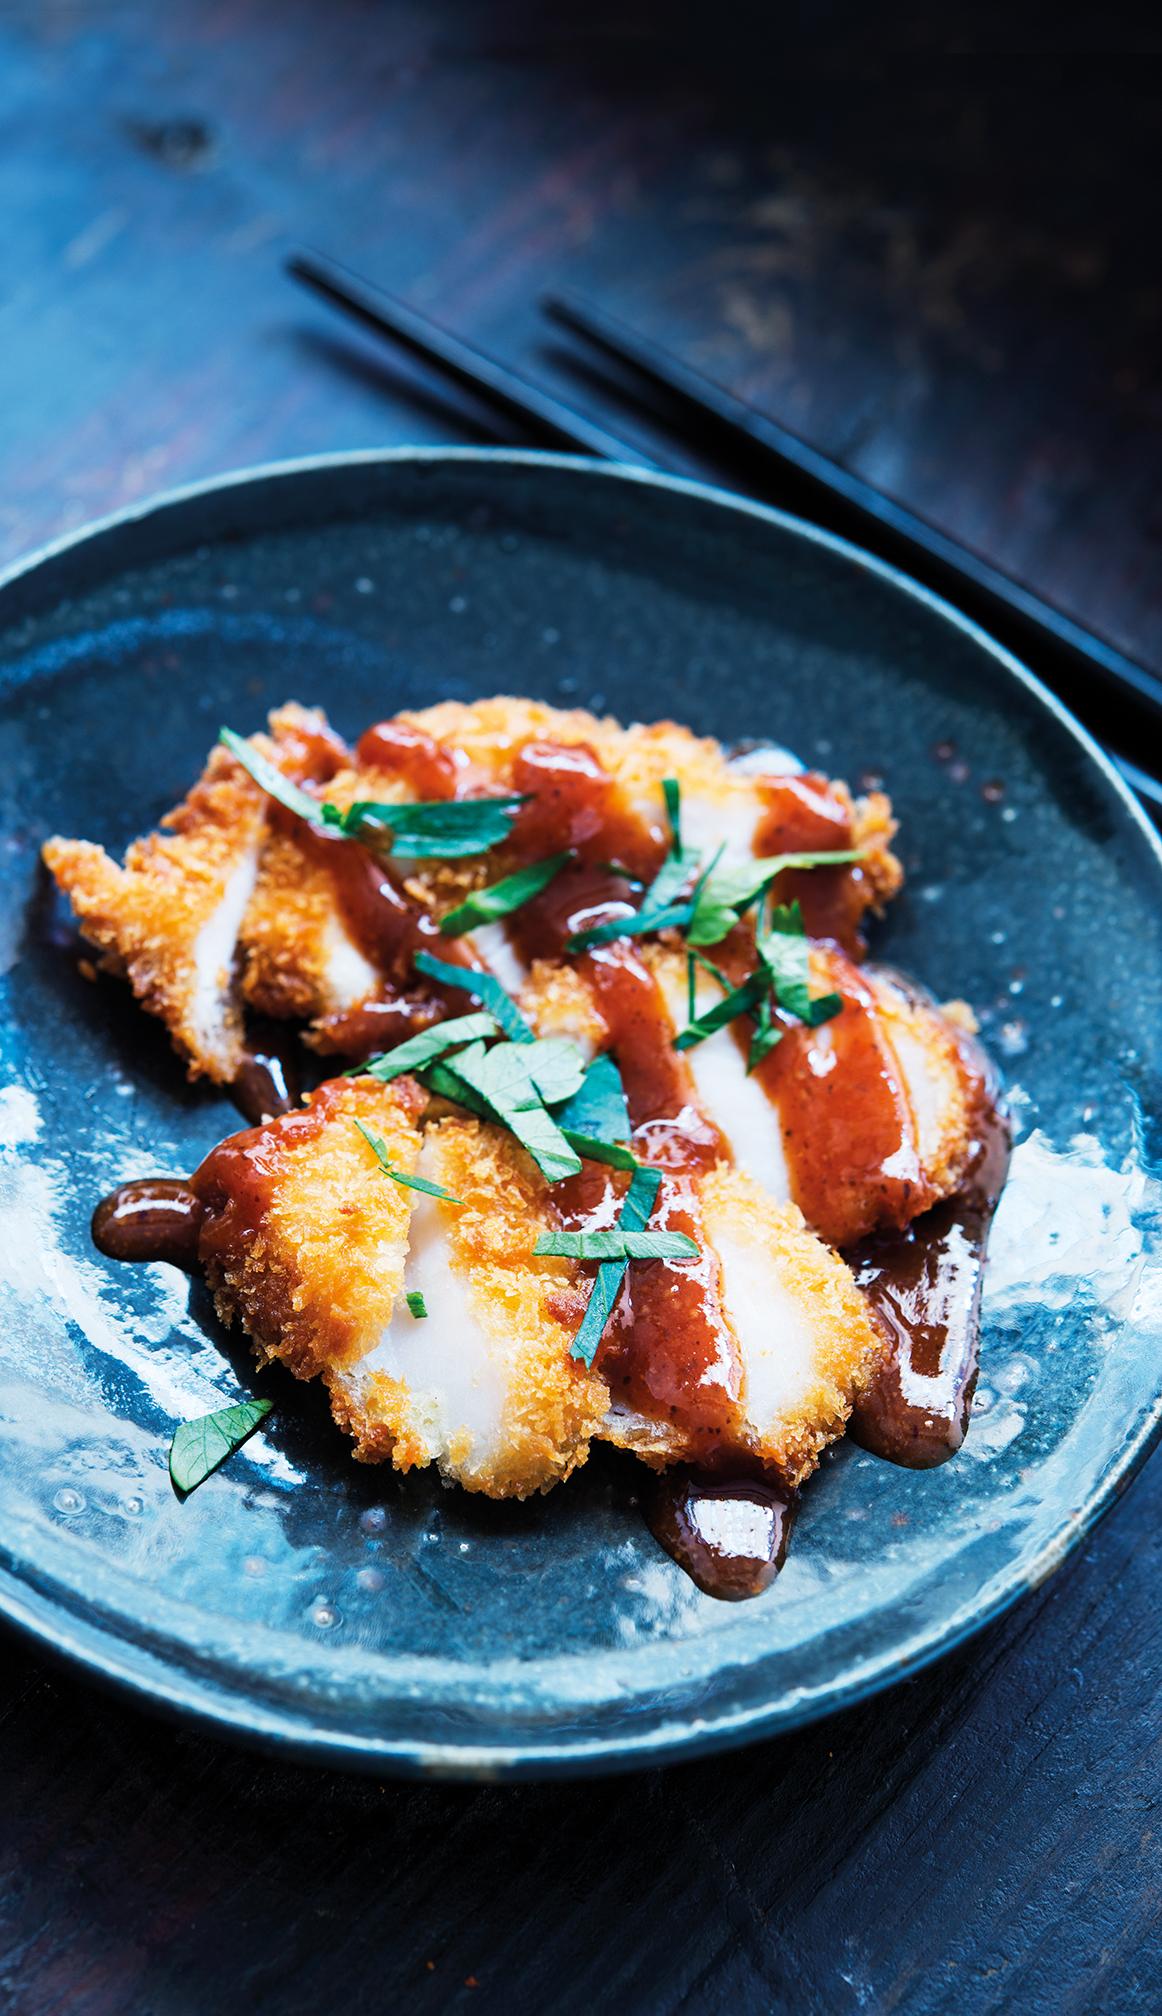 Friterad kycklingfilé på koreanskt vis.En av många läckra rätter du kan laga med såserna från Imo.  Fotograf: Ingvar Eriksson